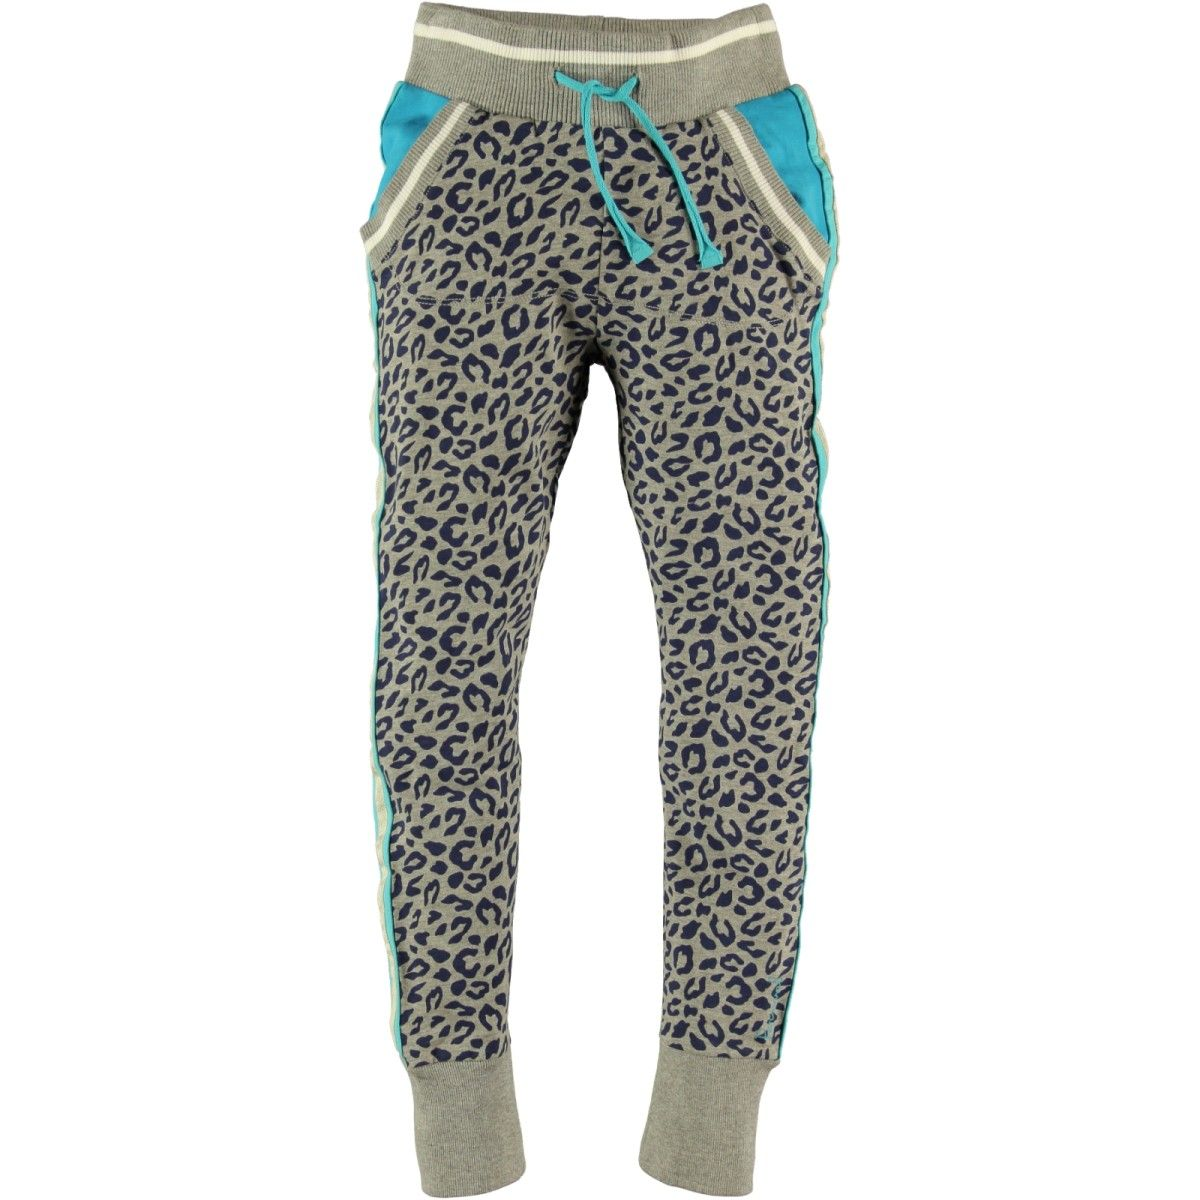 Persival Kinderkleding.Persival 5210209sp Meisjes Broek Petrol 17 99 Voordelig Online